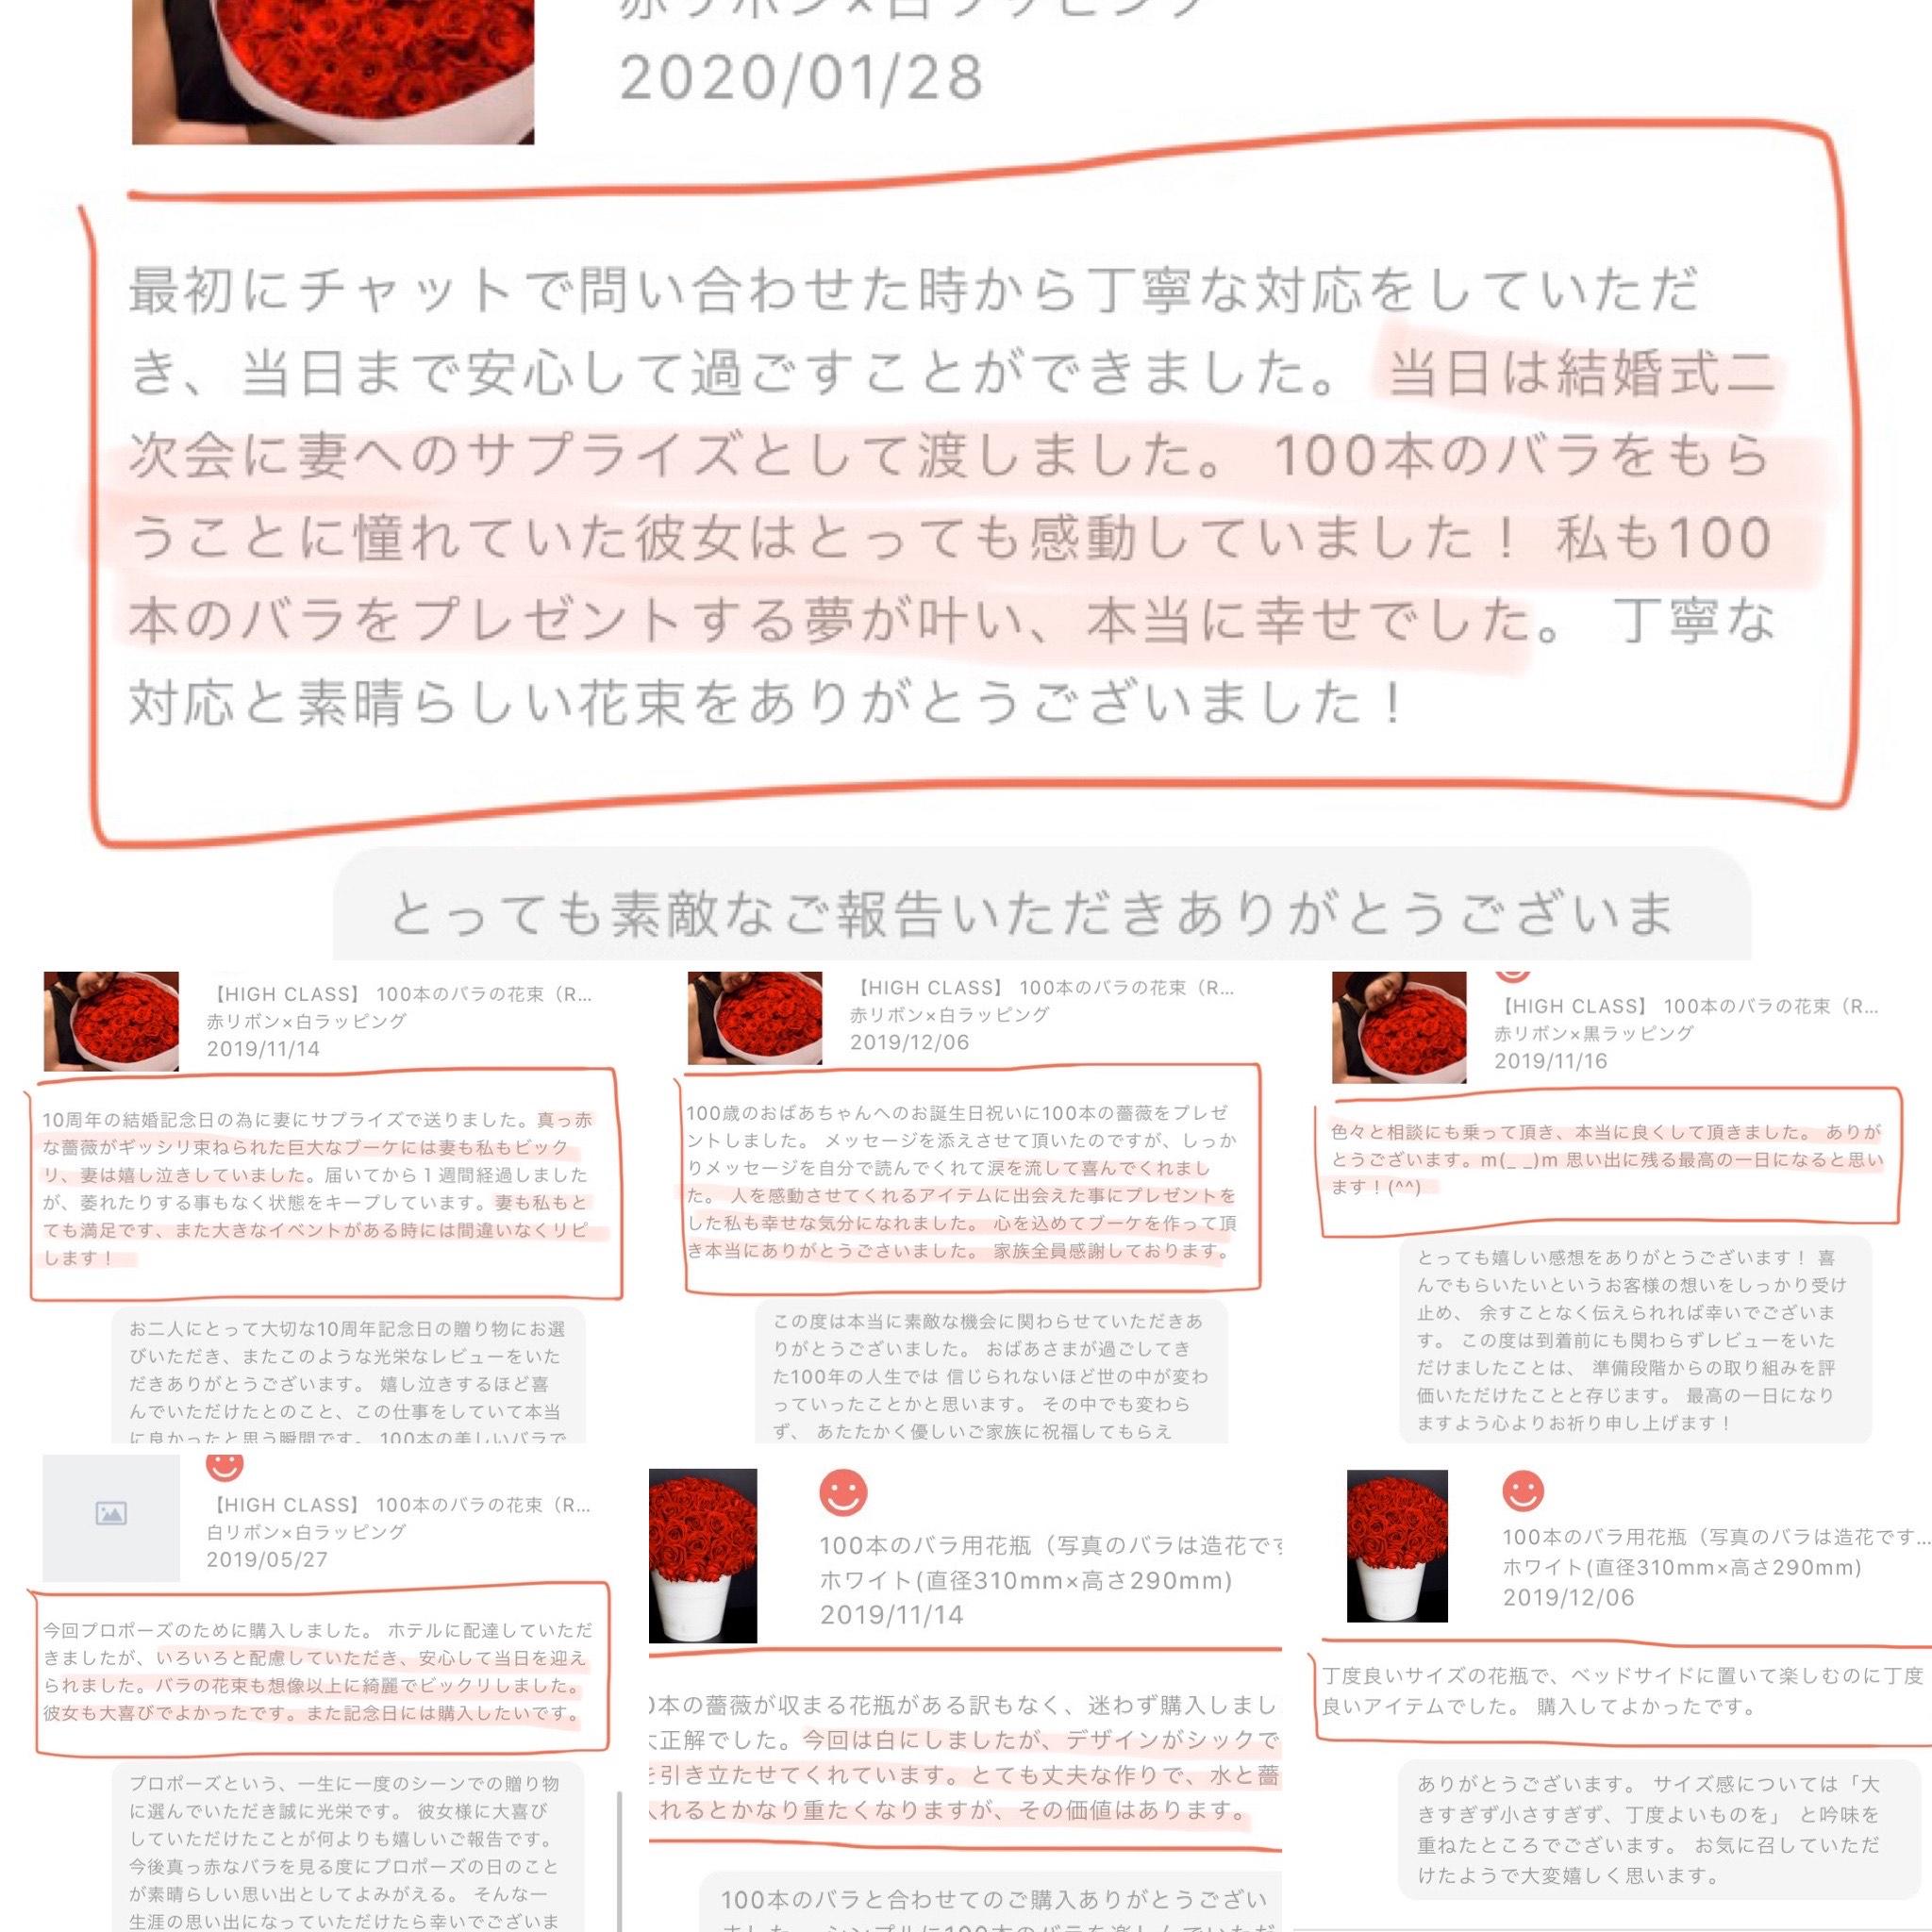 お客様の声/レビューまとめ(2020年2月時点)